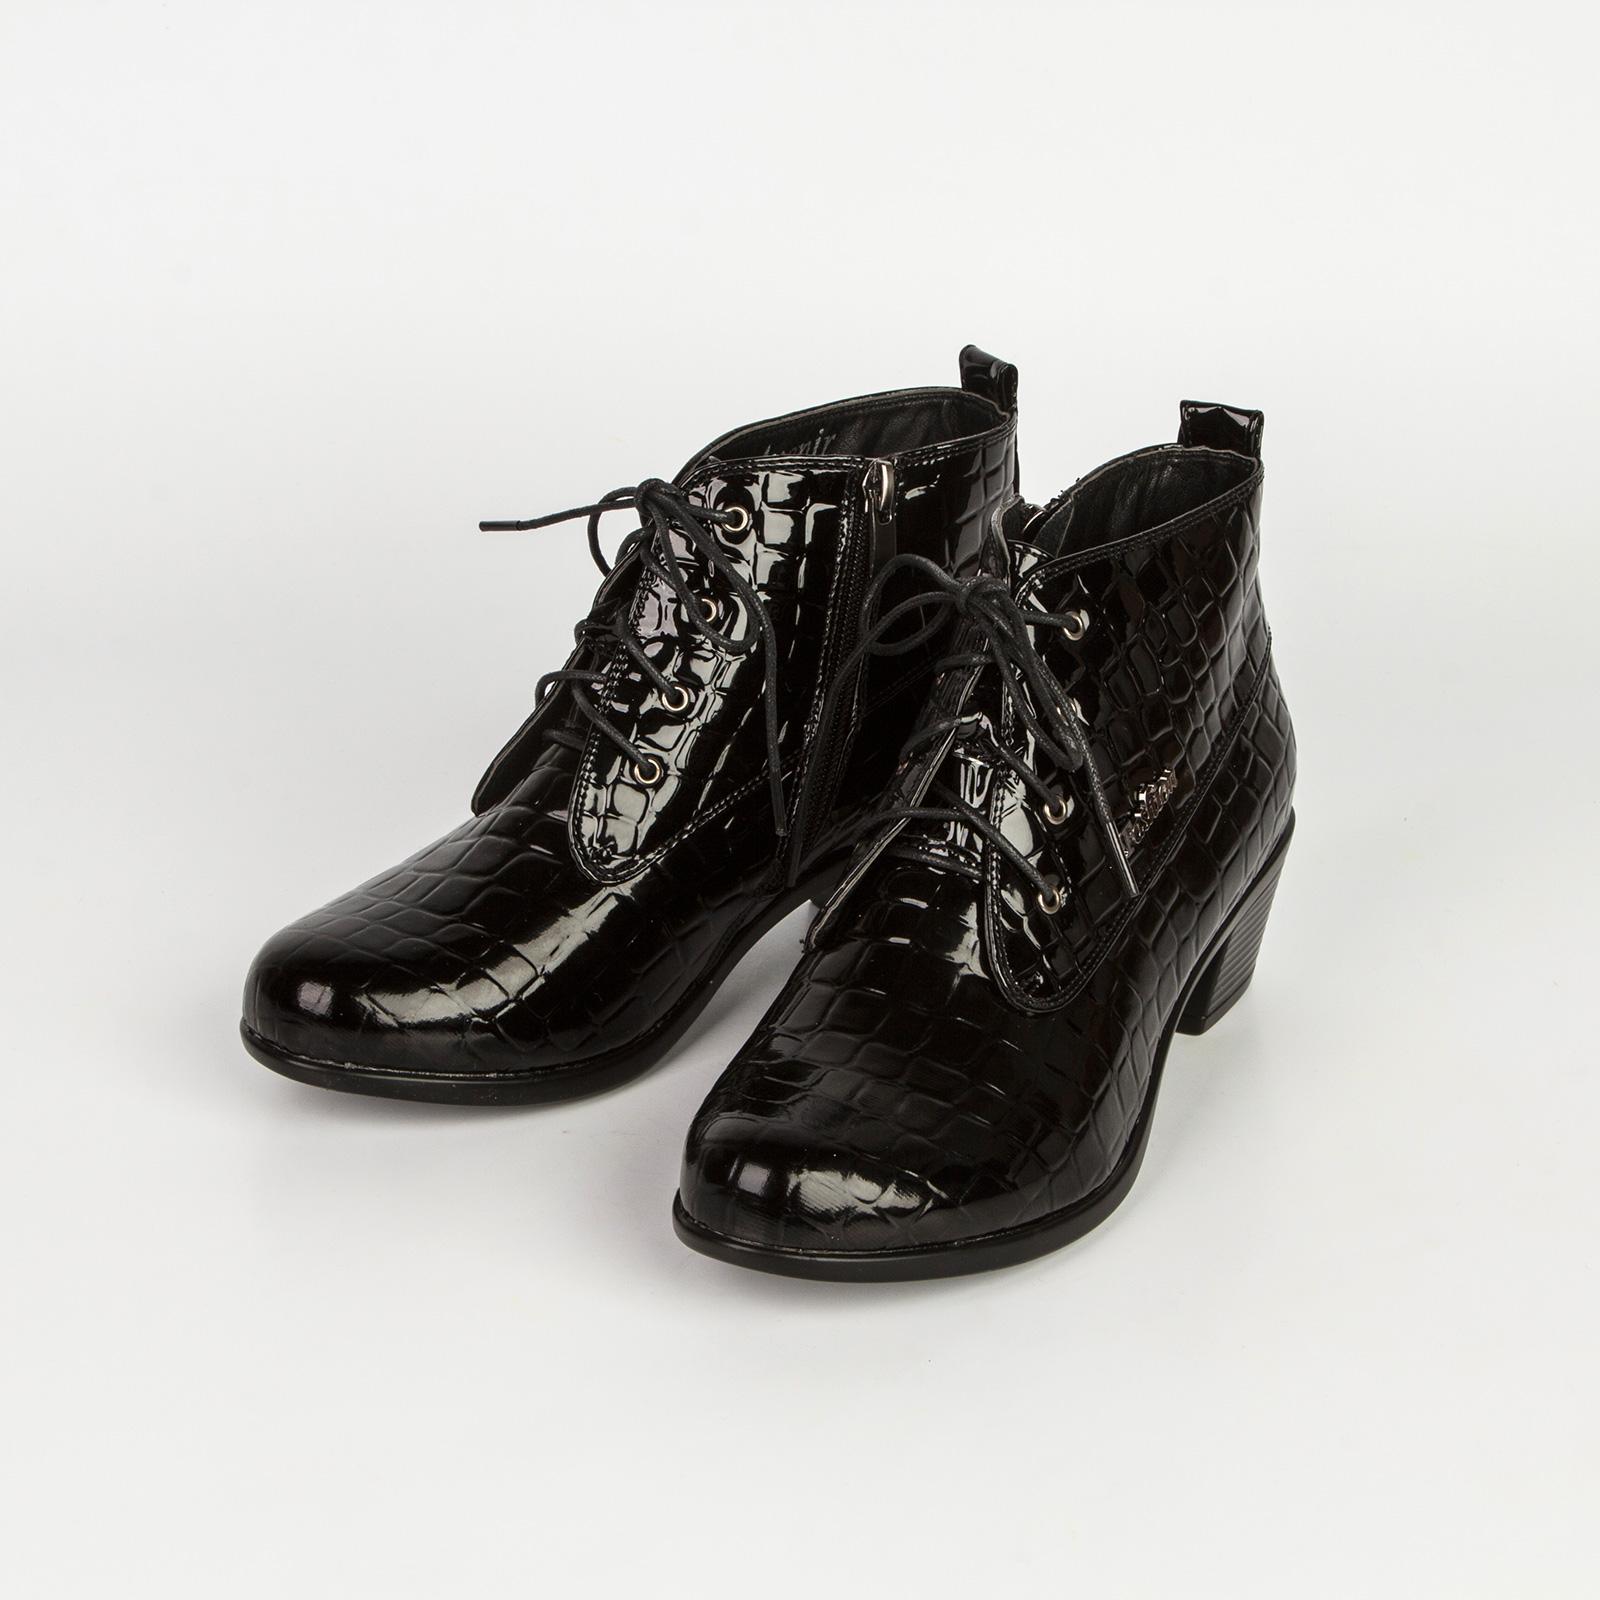 Ботинки женские с тиснением под рептилию